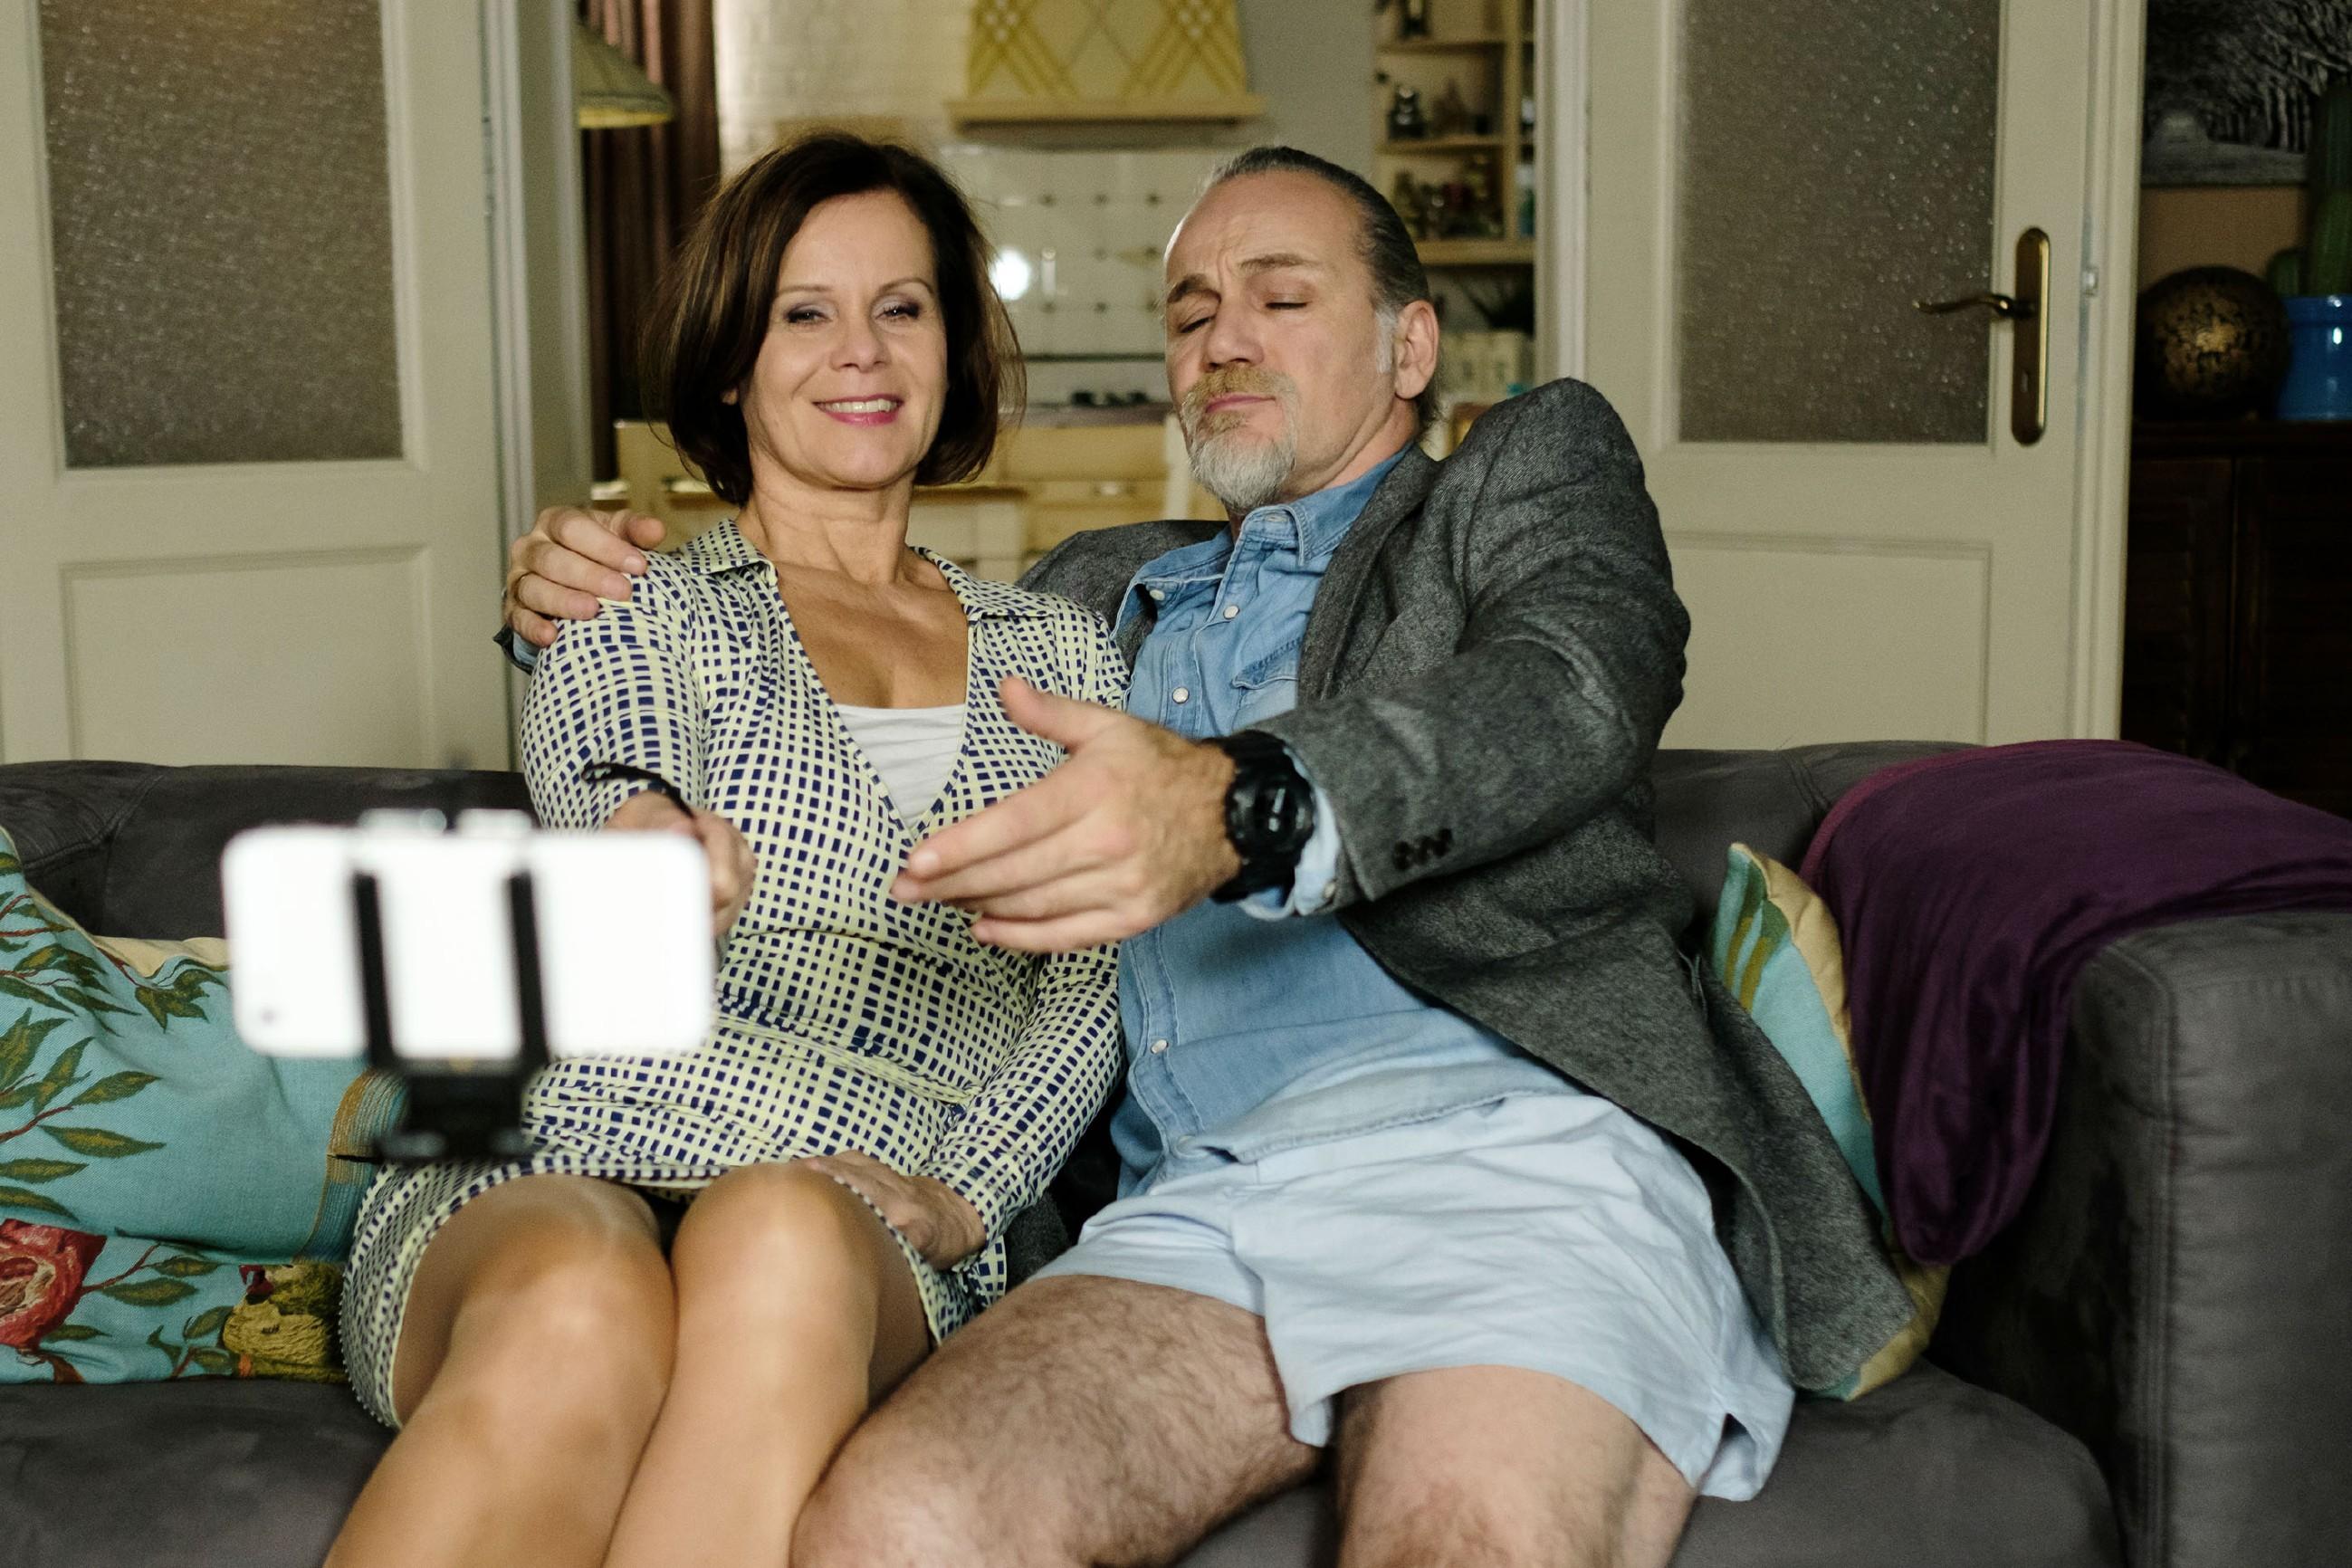 Irene (Petra Blossey) und Robert (Luca Maric) kommen bei dem Shooting, dessen Ergebnis eigentlich für ihre Danksagungskarten gedacht ist, auf den Geschmack... (Quelle: RTL / Stefan Behrens)